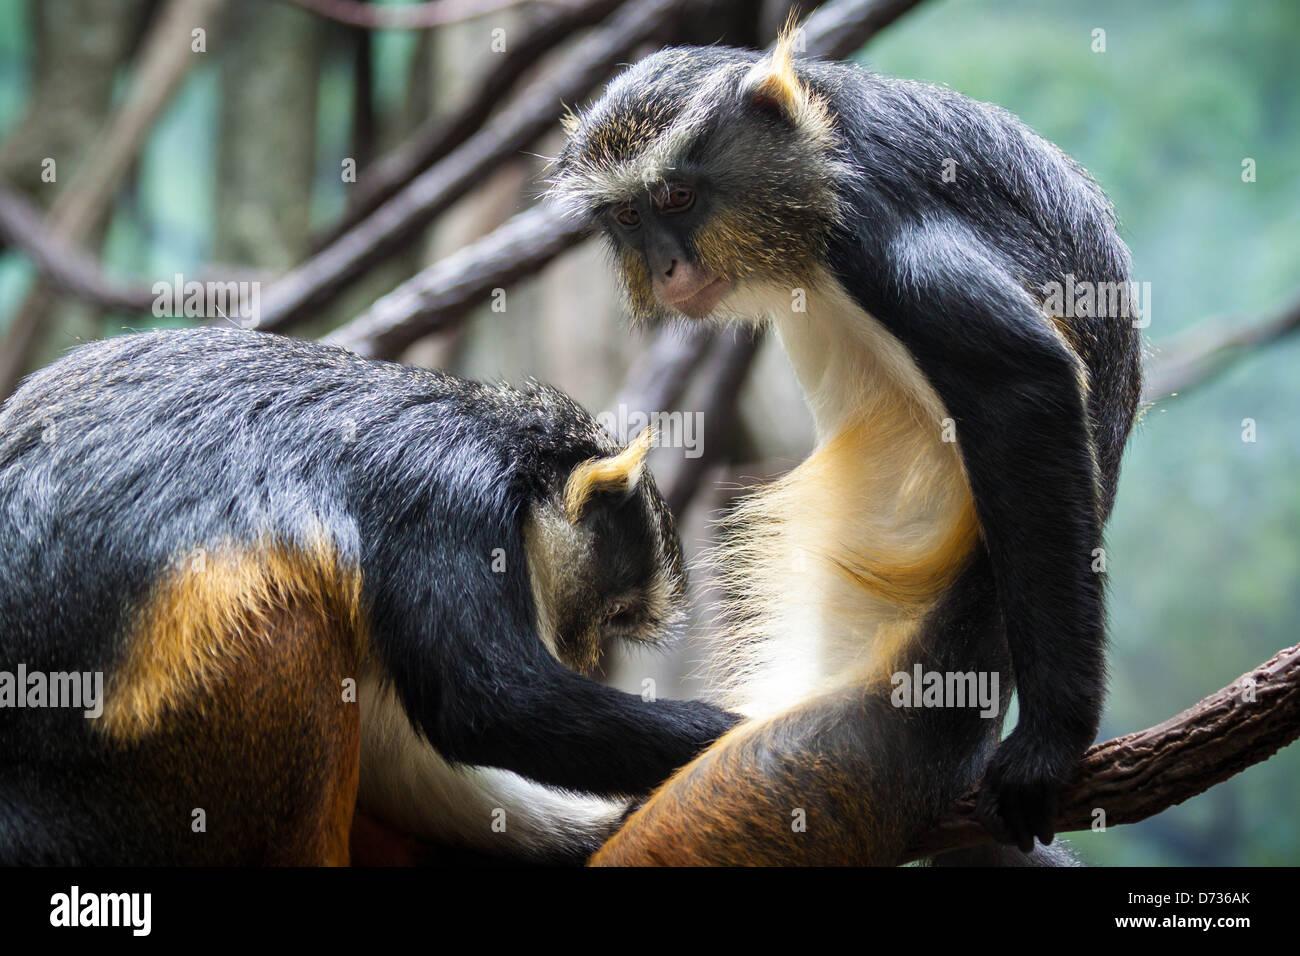 Zwei lustige Affen pflegen einander Stockfoto, Bild: 14 - Alamy